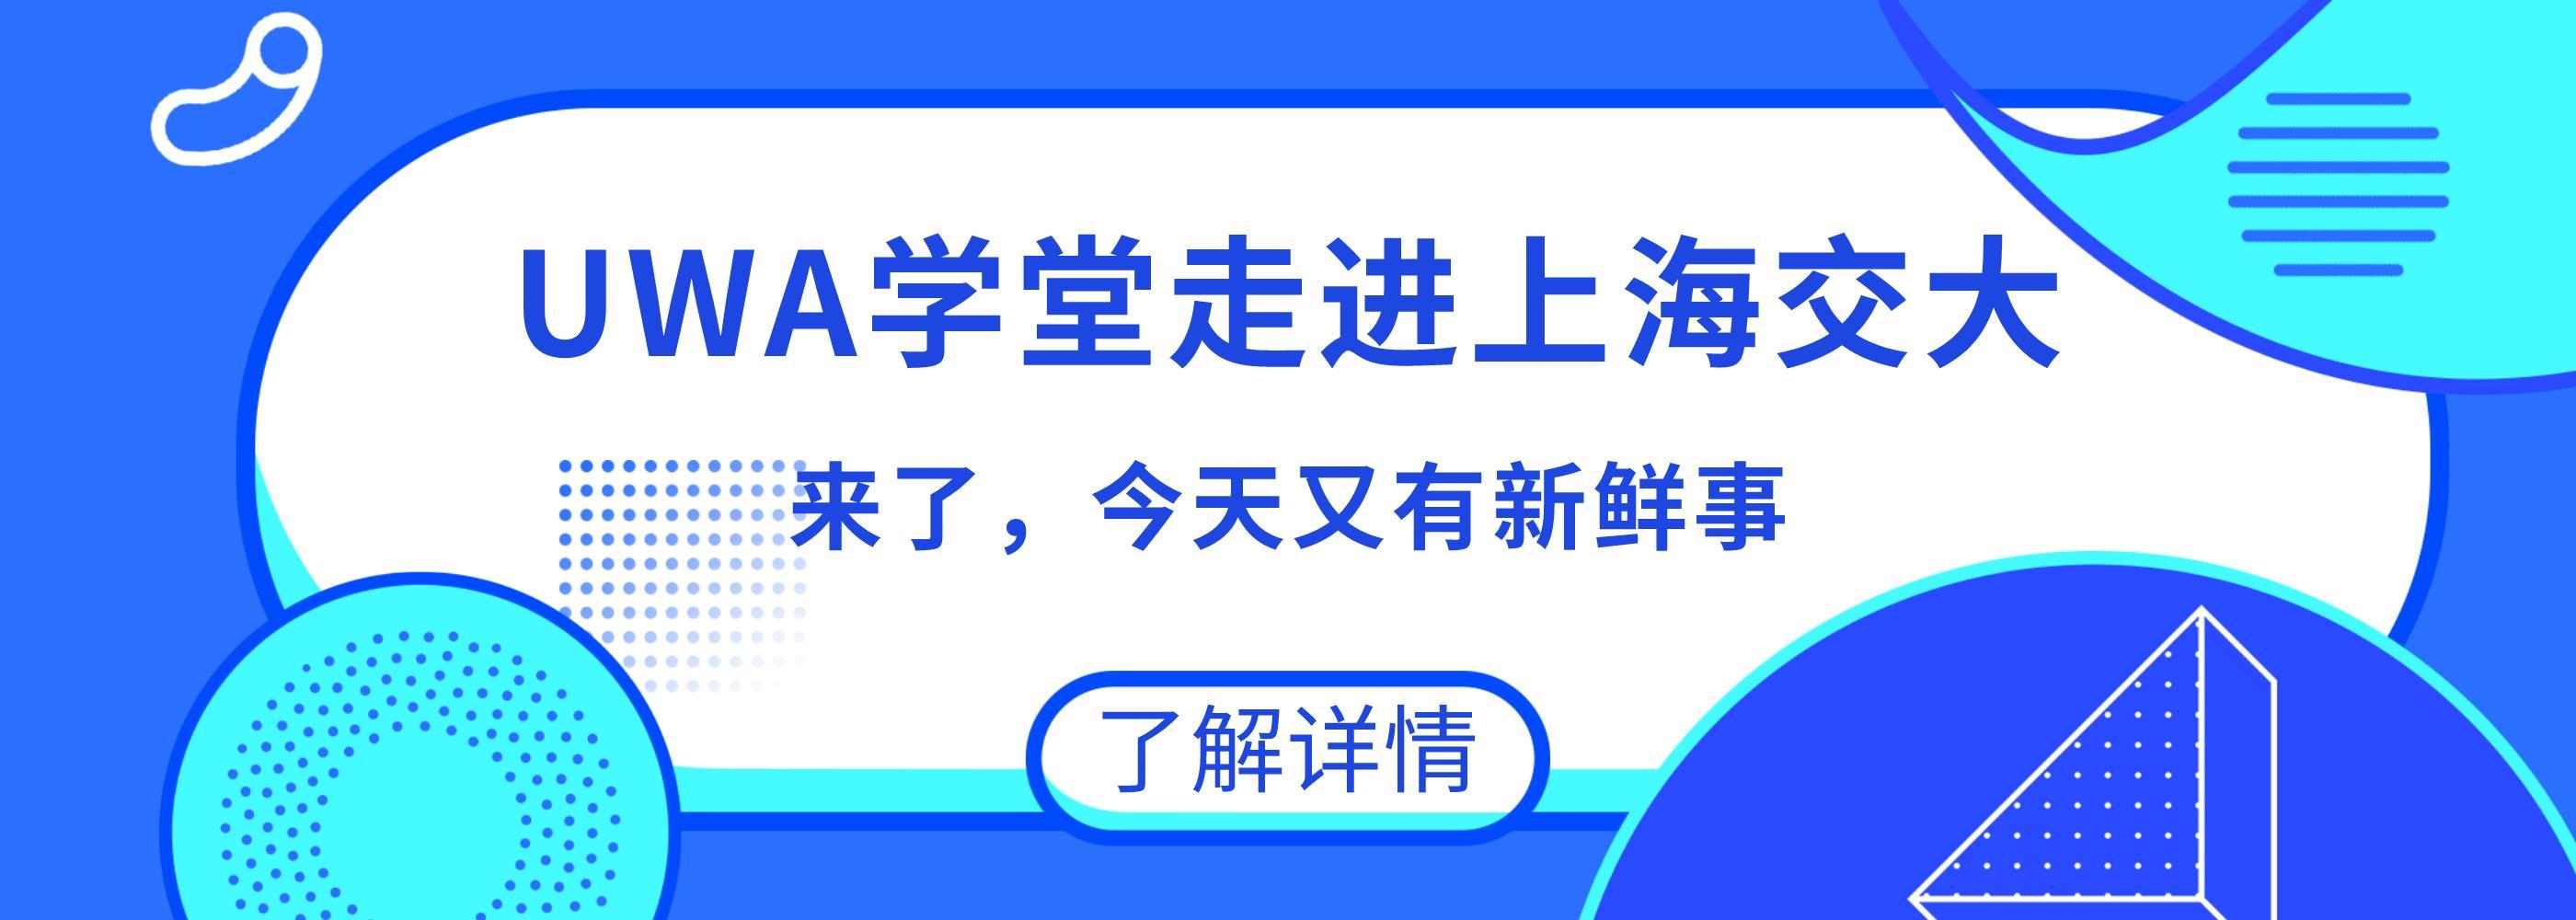 UWA学堂走进校园,携手上海交大传播知识体系!